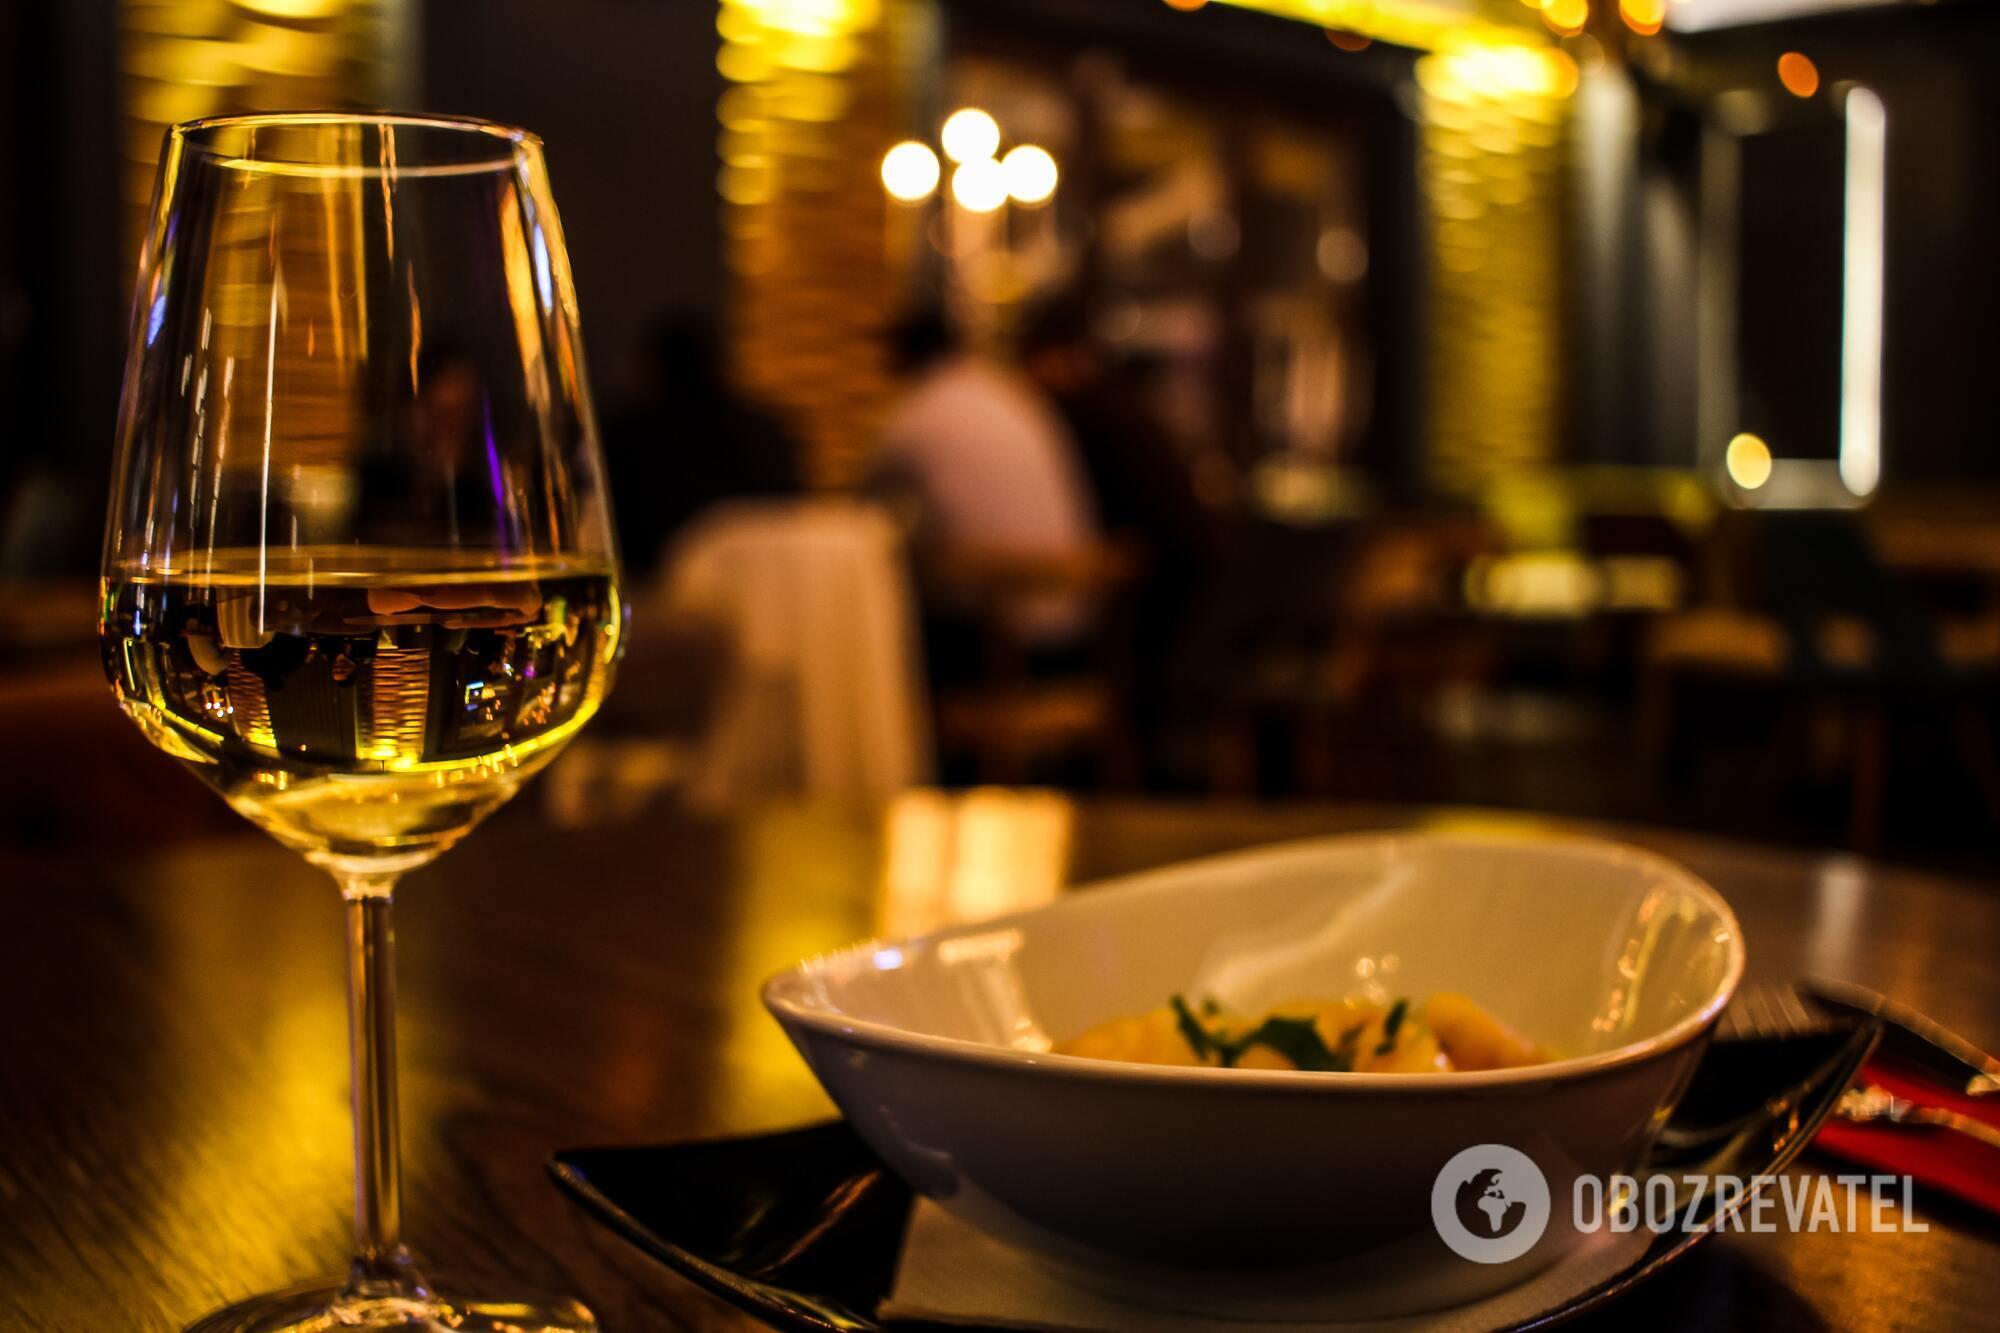 Як правильно пити біле вино